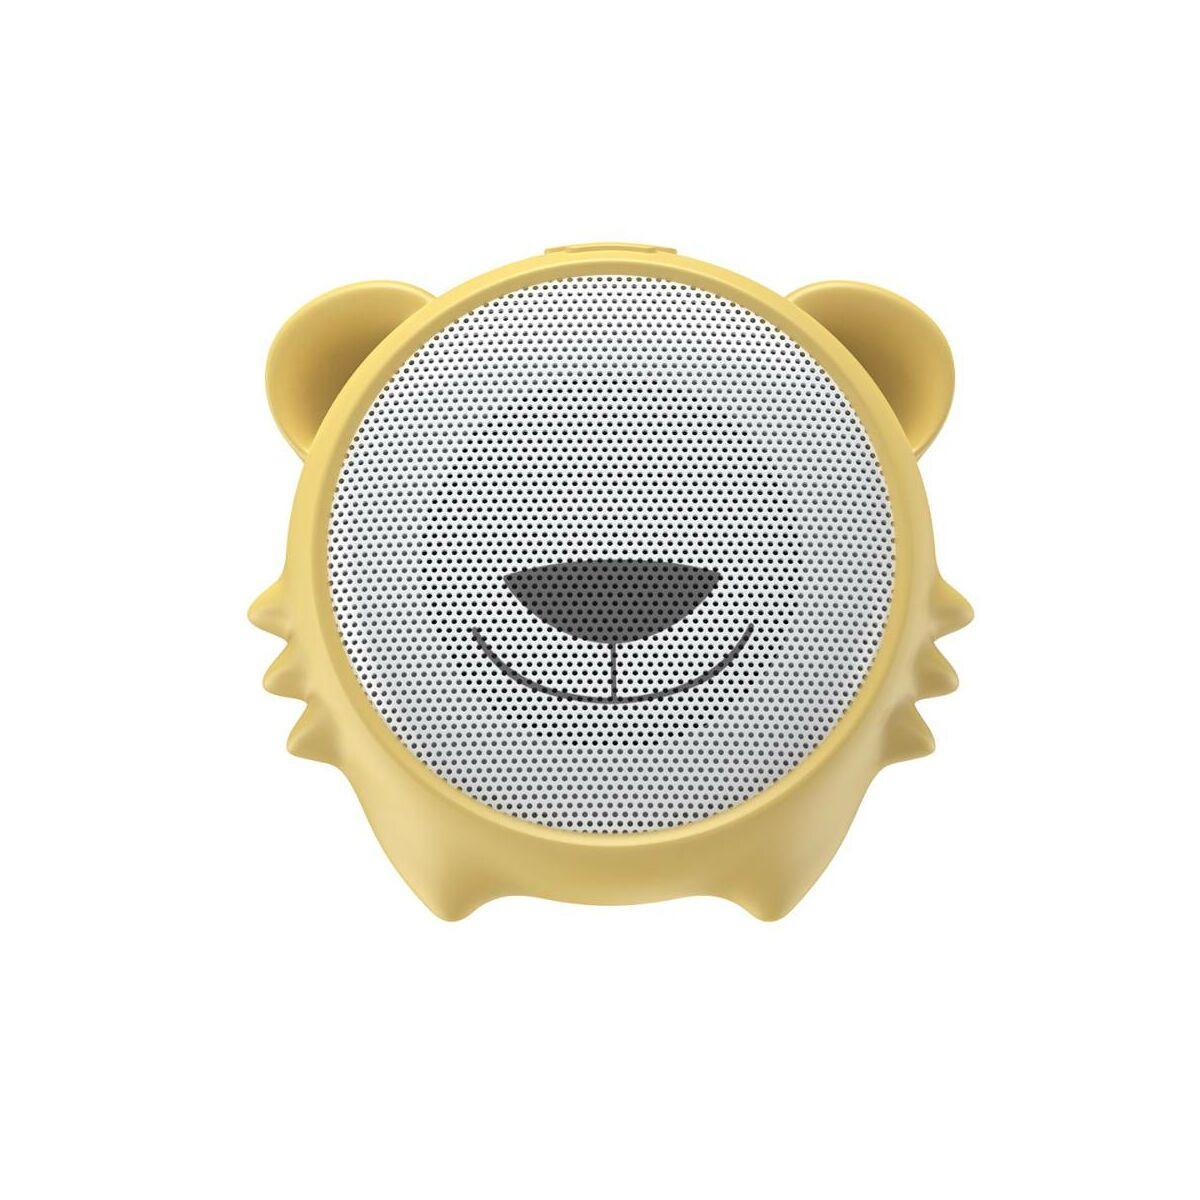 Baseus Hordozható hangszóró Bluetooth Encok E06, 4-5 óra zene hallgatás, 450 mAh,kínai zodiákus tigris, sárga (NGE06-A0Y)